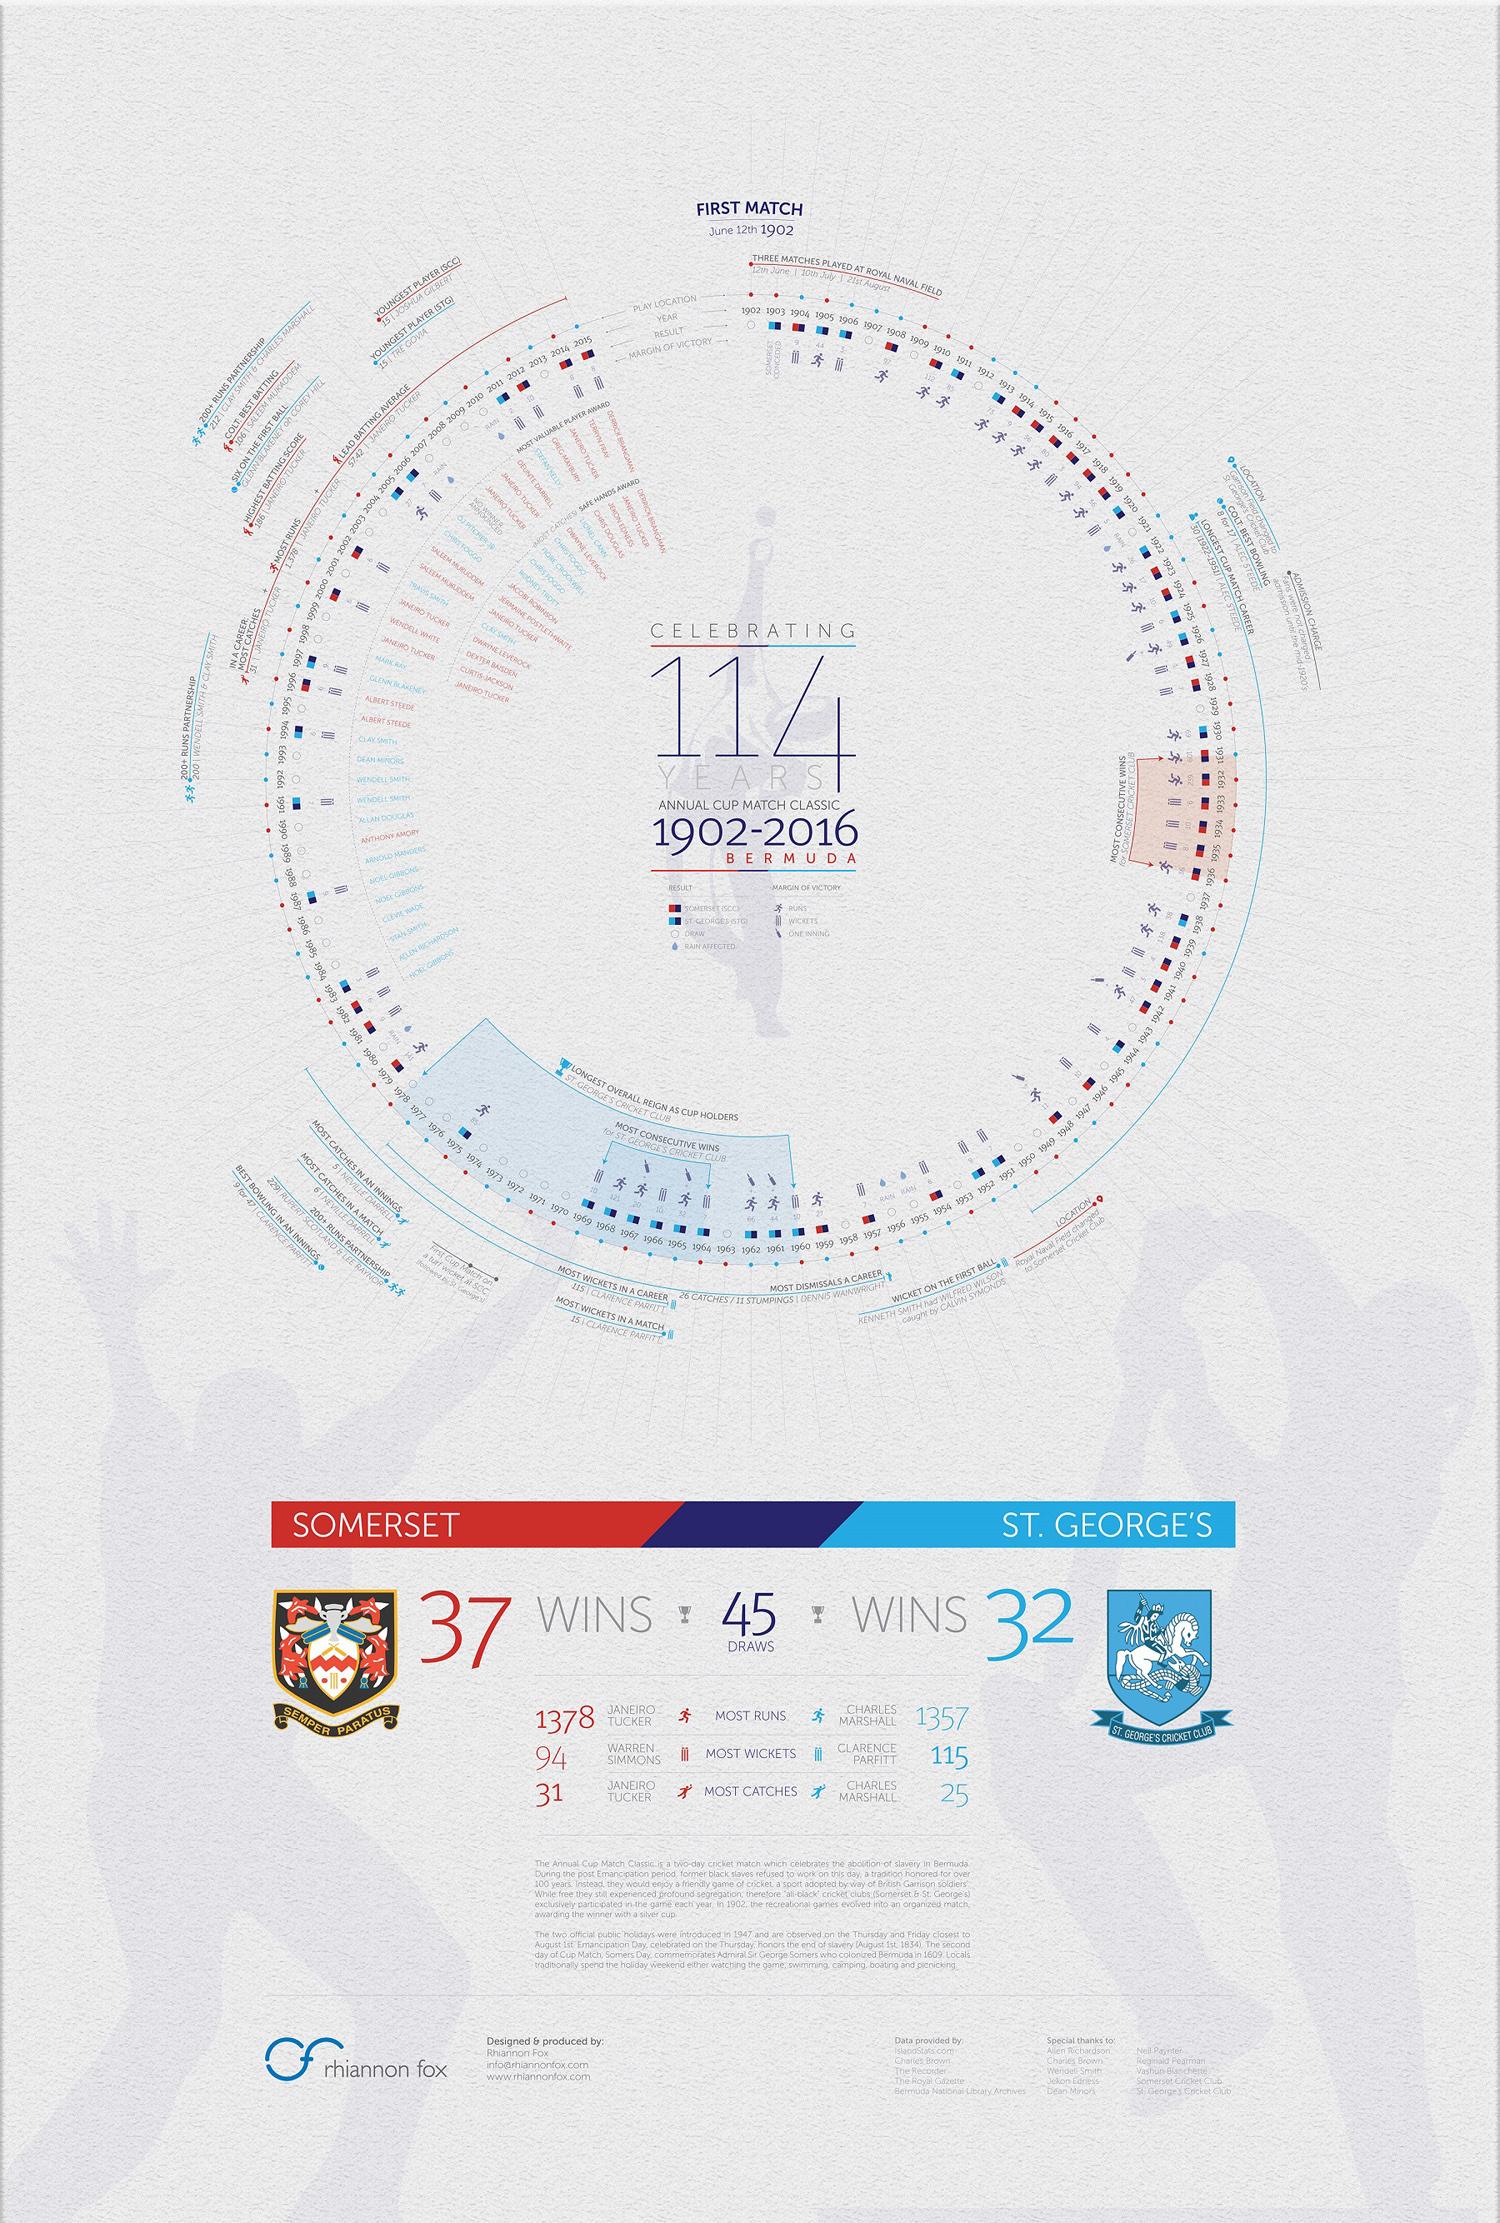 timeline_cup_match_1902-2016_2_appeal_batsman_middlebowler_6_ROB